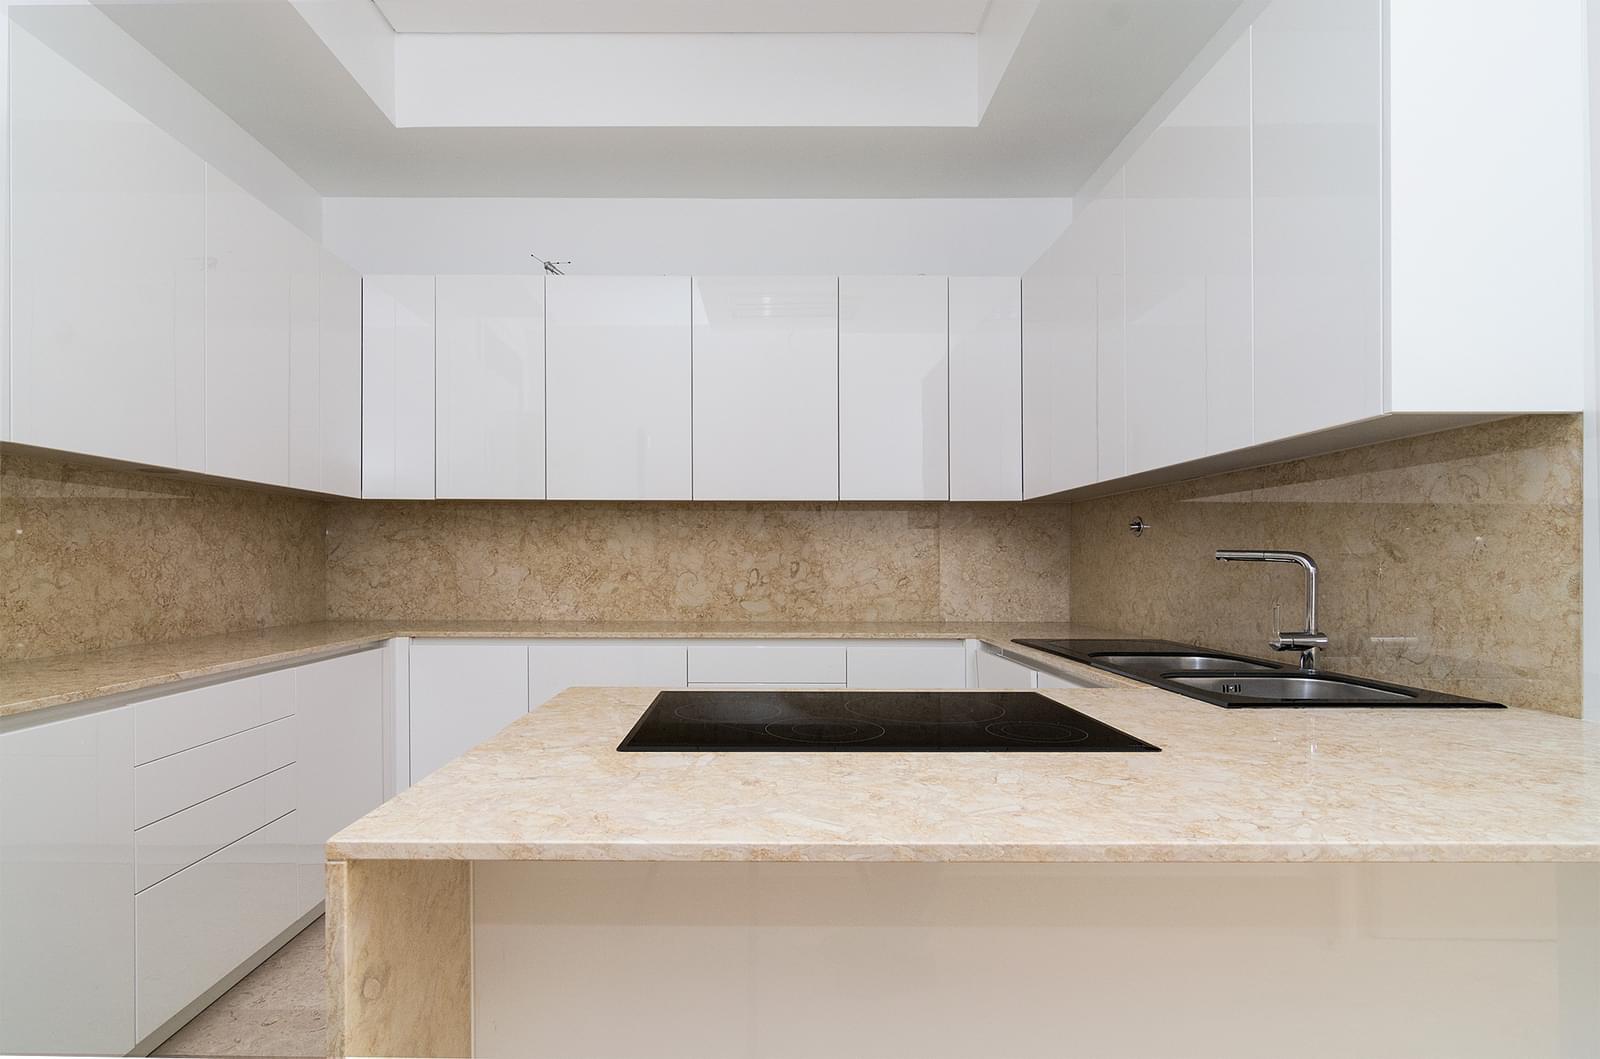 pf16887-apartamento-t5-lisboa-57b12092-96f6-4f8c-af63-daa9f4adcce3